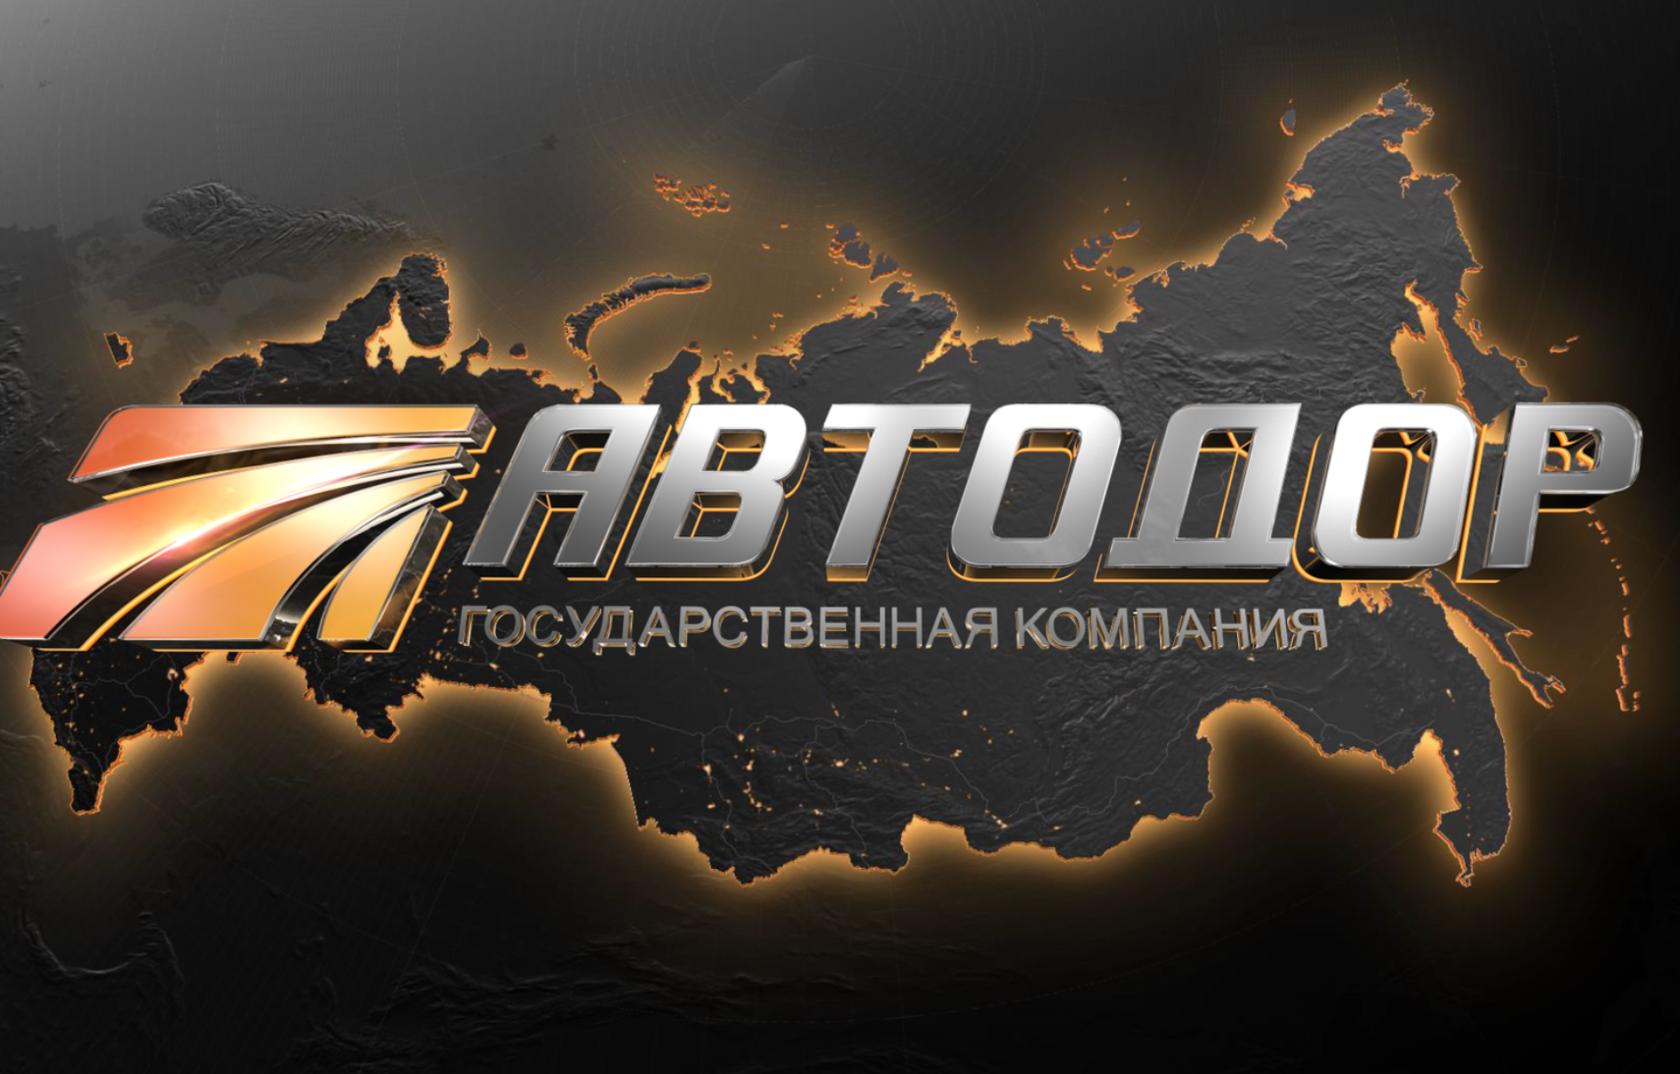 Российские автомобильные дороги государственная компания сайт сайт создание цена нижний новгород